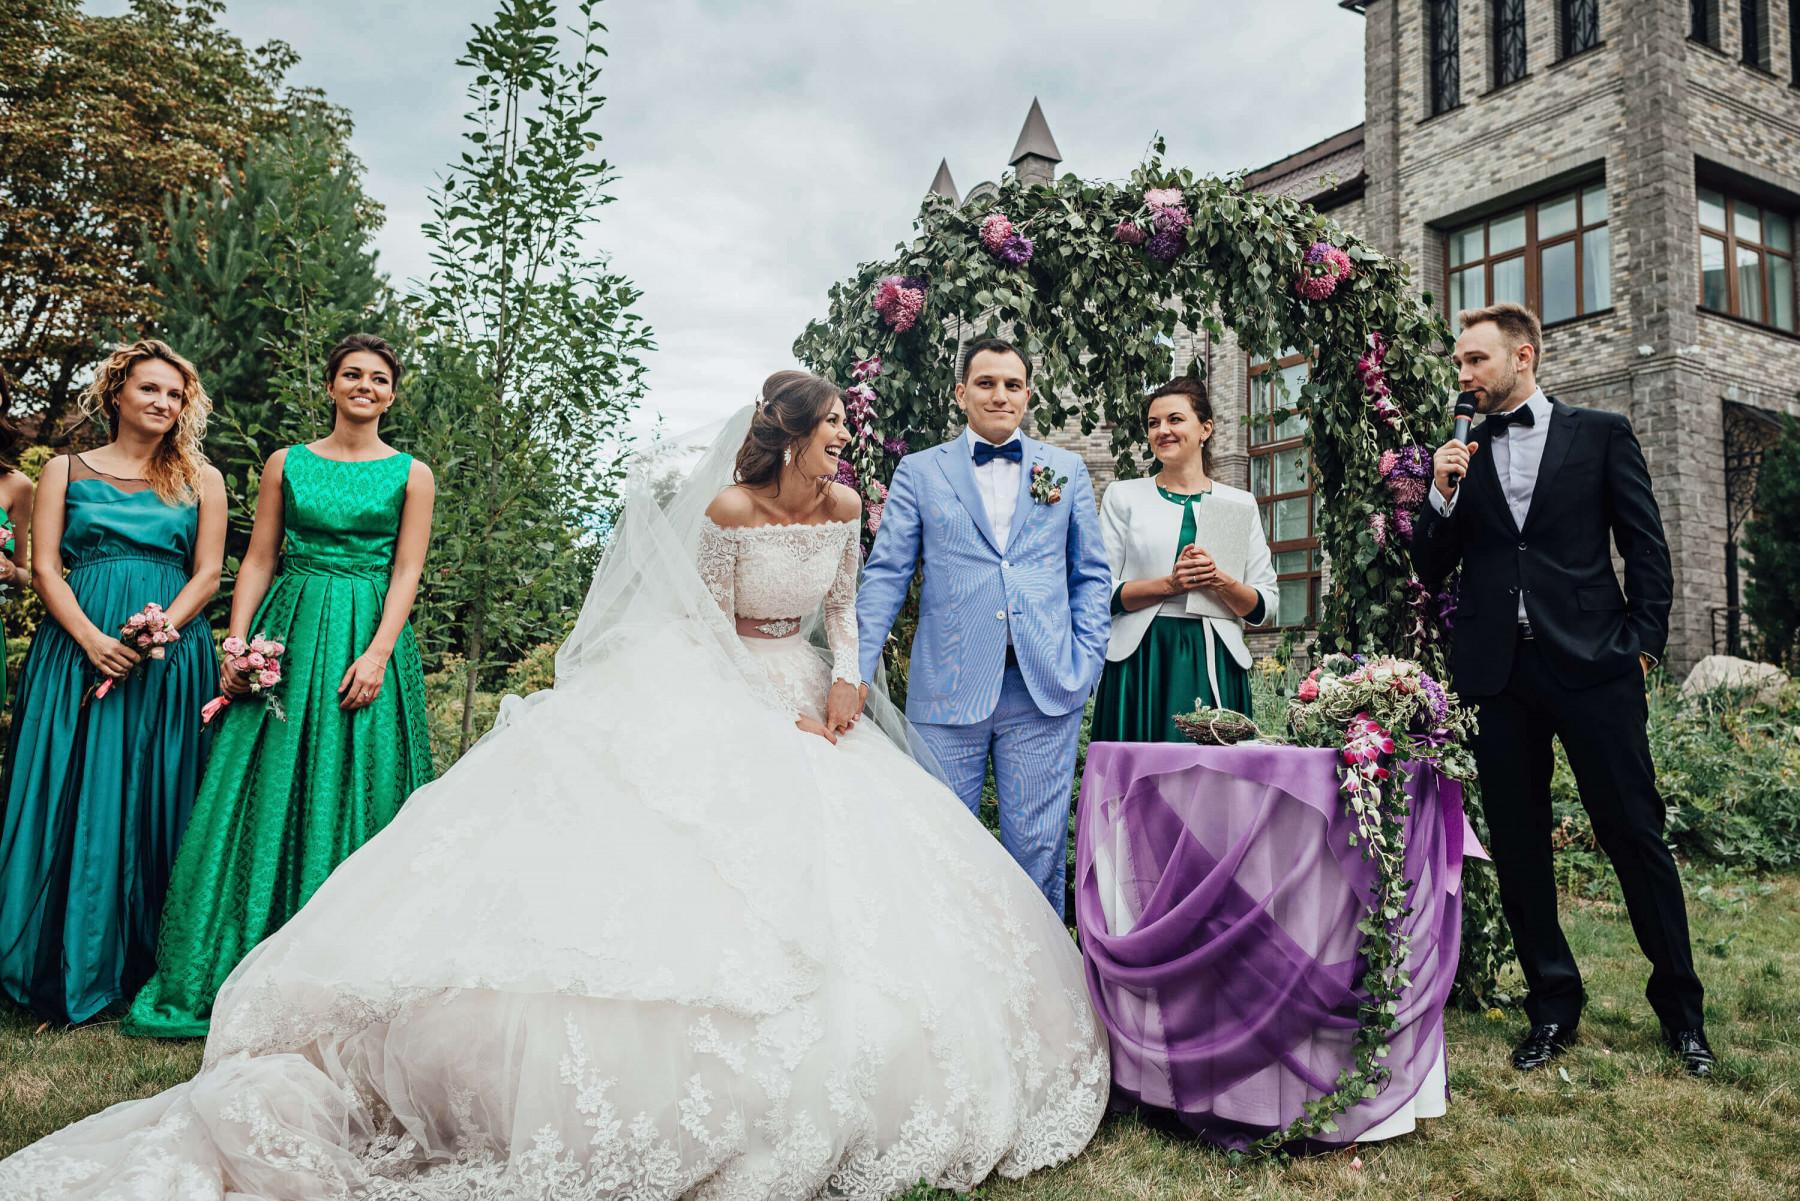 Оригинальные идеи для свадьбы: истории от участников